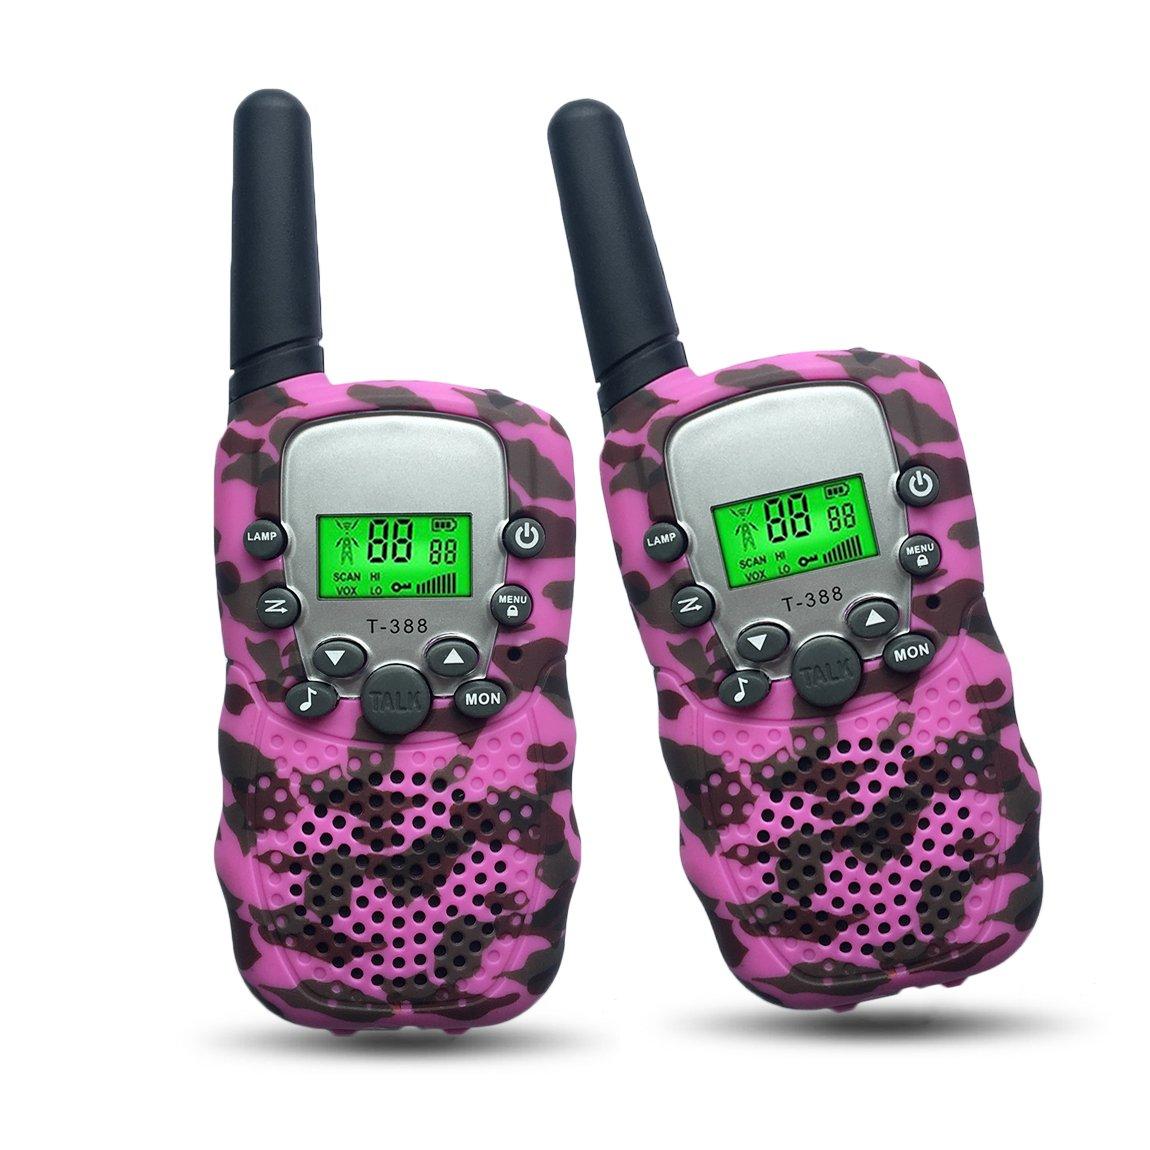 joyfun Talkies For Kids t-388長い距離2 Way with懐中電灯Toys forアウトドアキャンプ&ハイキング – 1ペア ピンク JF-DJJ-Pink B07CWKMDBX ピンク